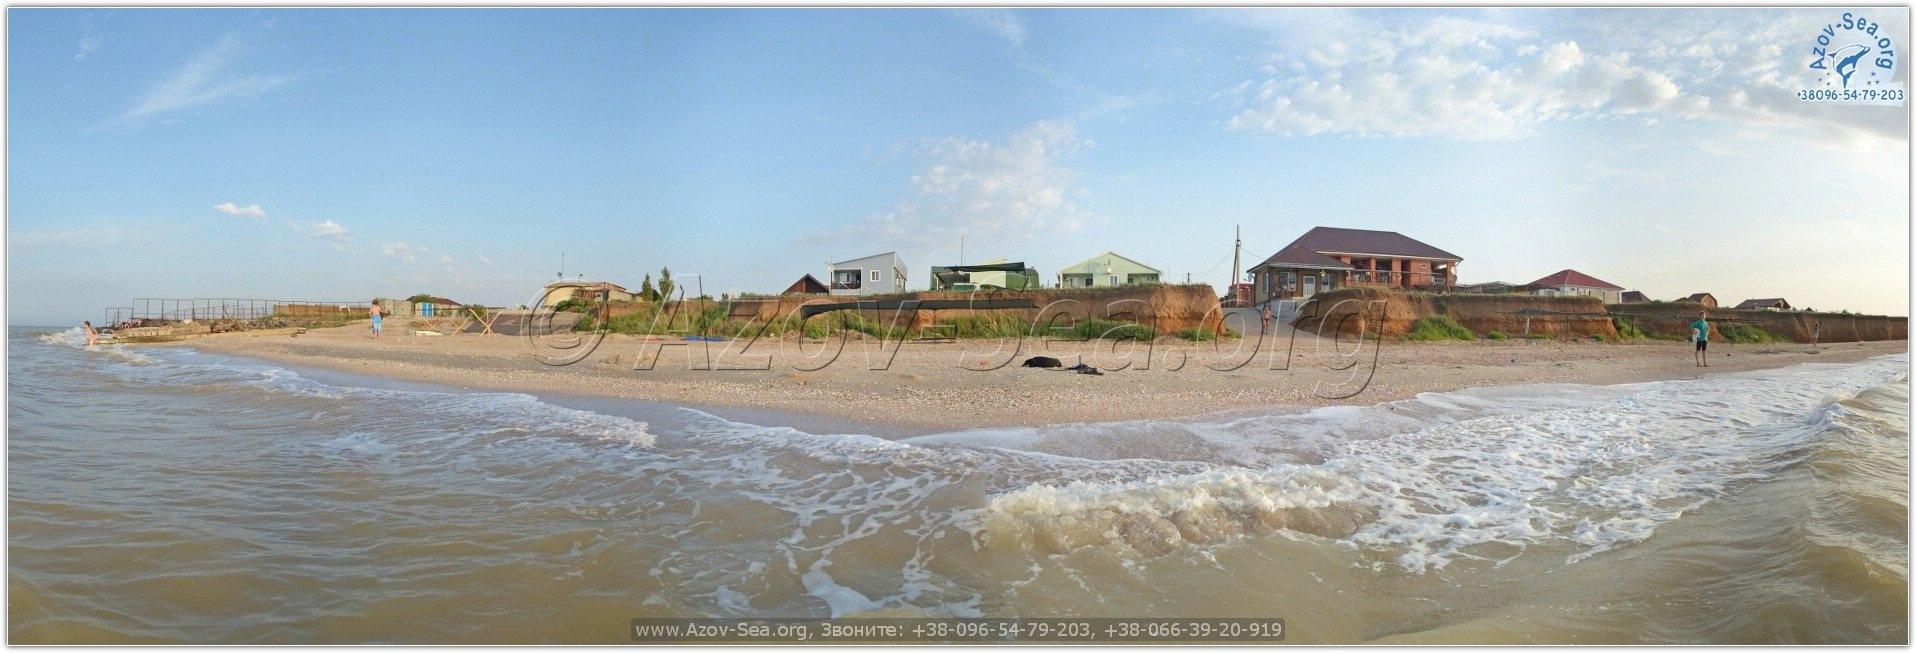 Азовское море. Пляж в Степановке Первой.